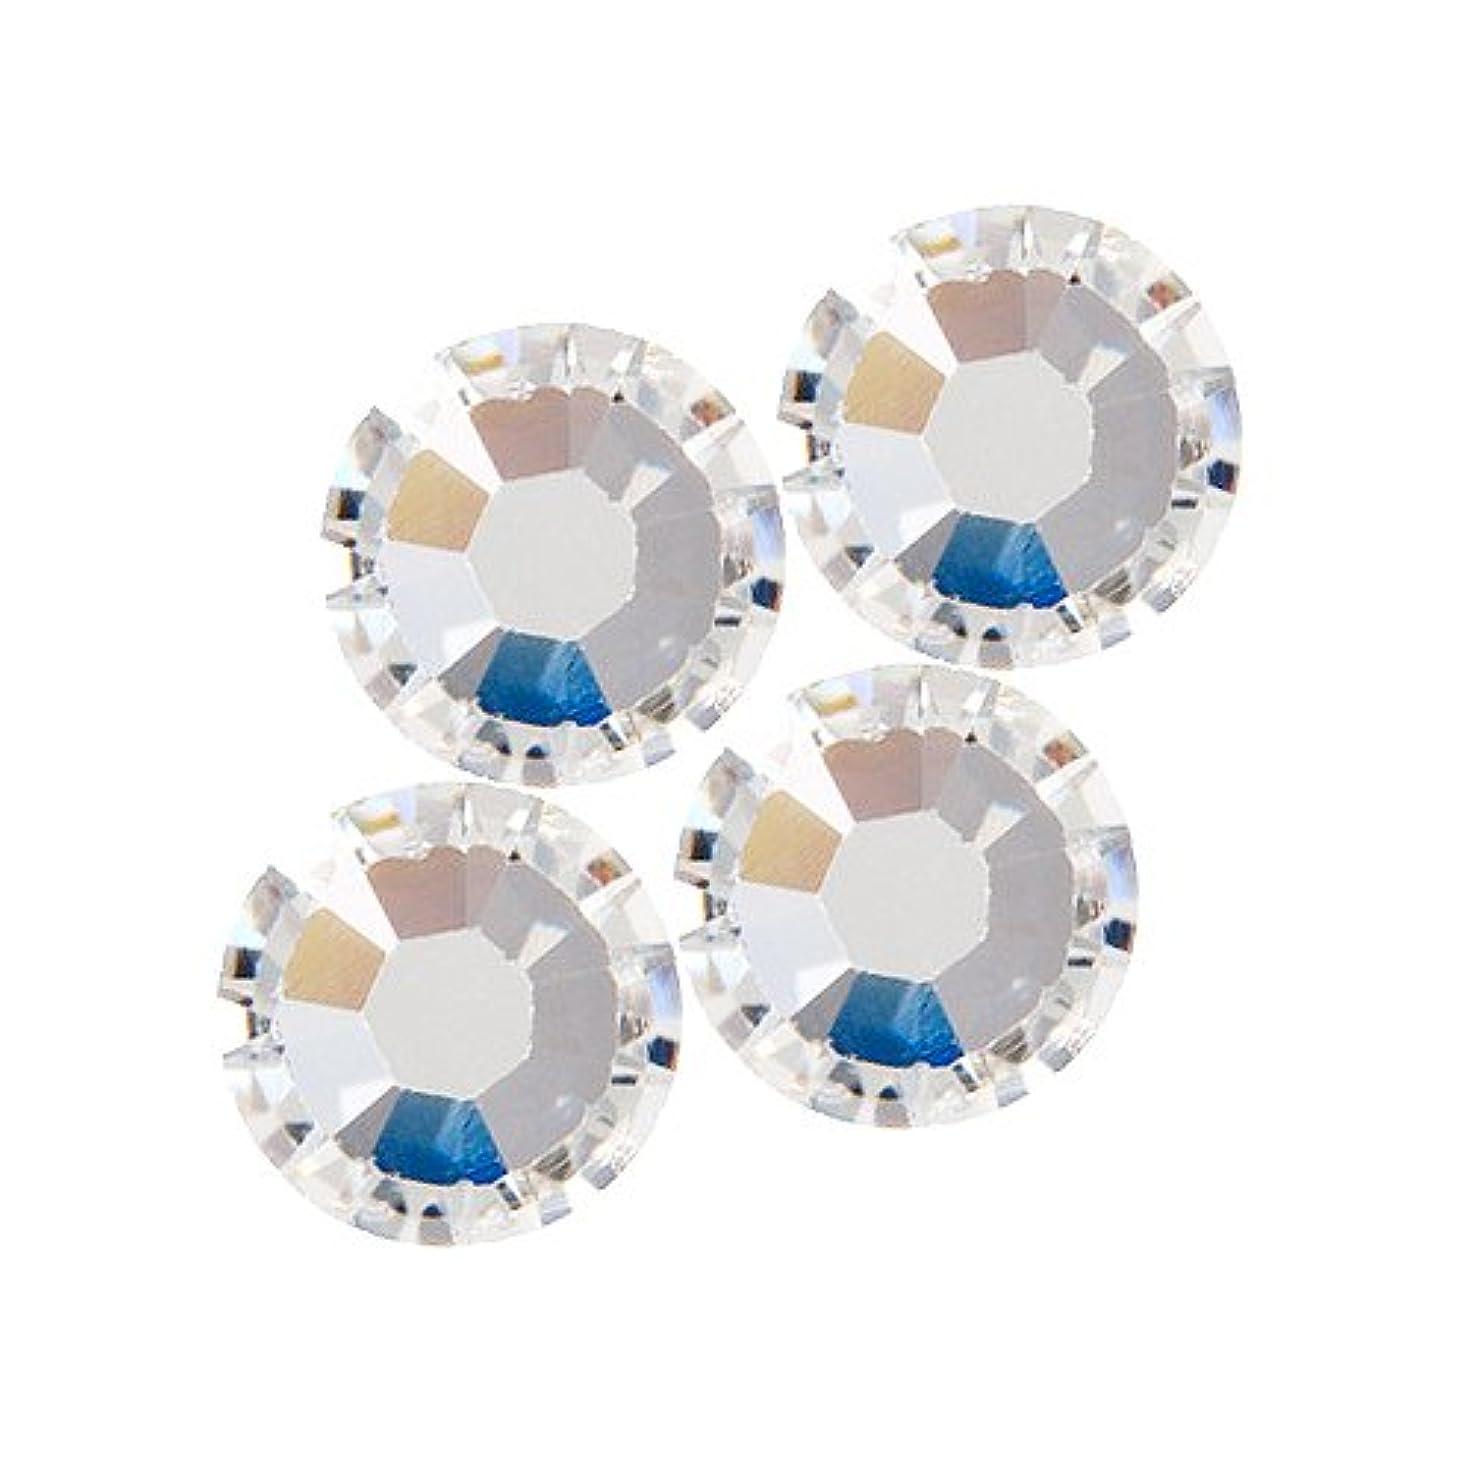 病気確保するスカリーバイナル DIAMOND RHINESTONE  クリスタル SS20 720粒 ST-SS20-CRY-5G